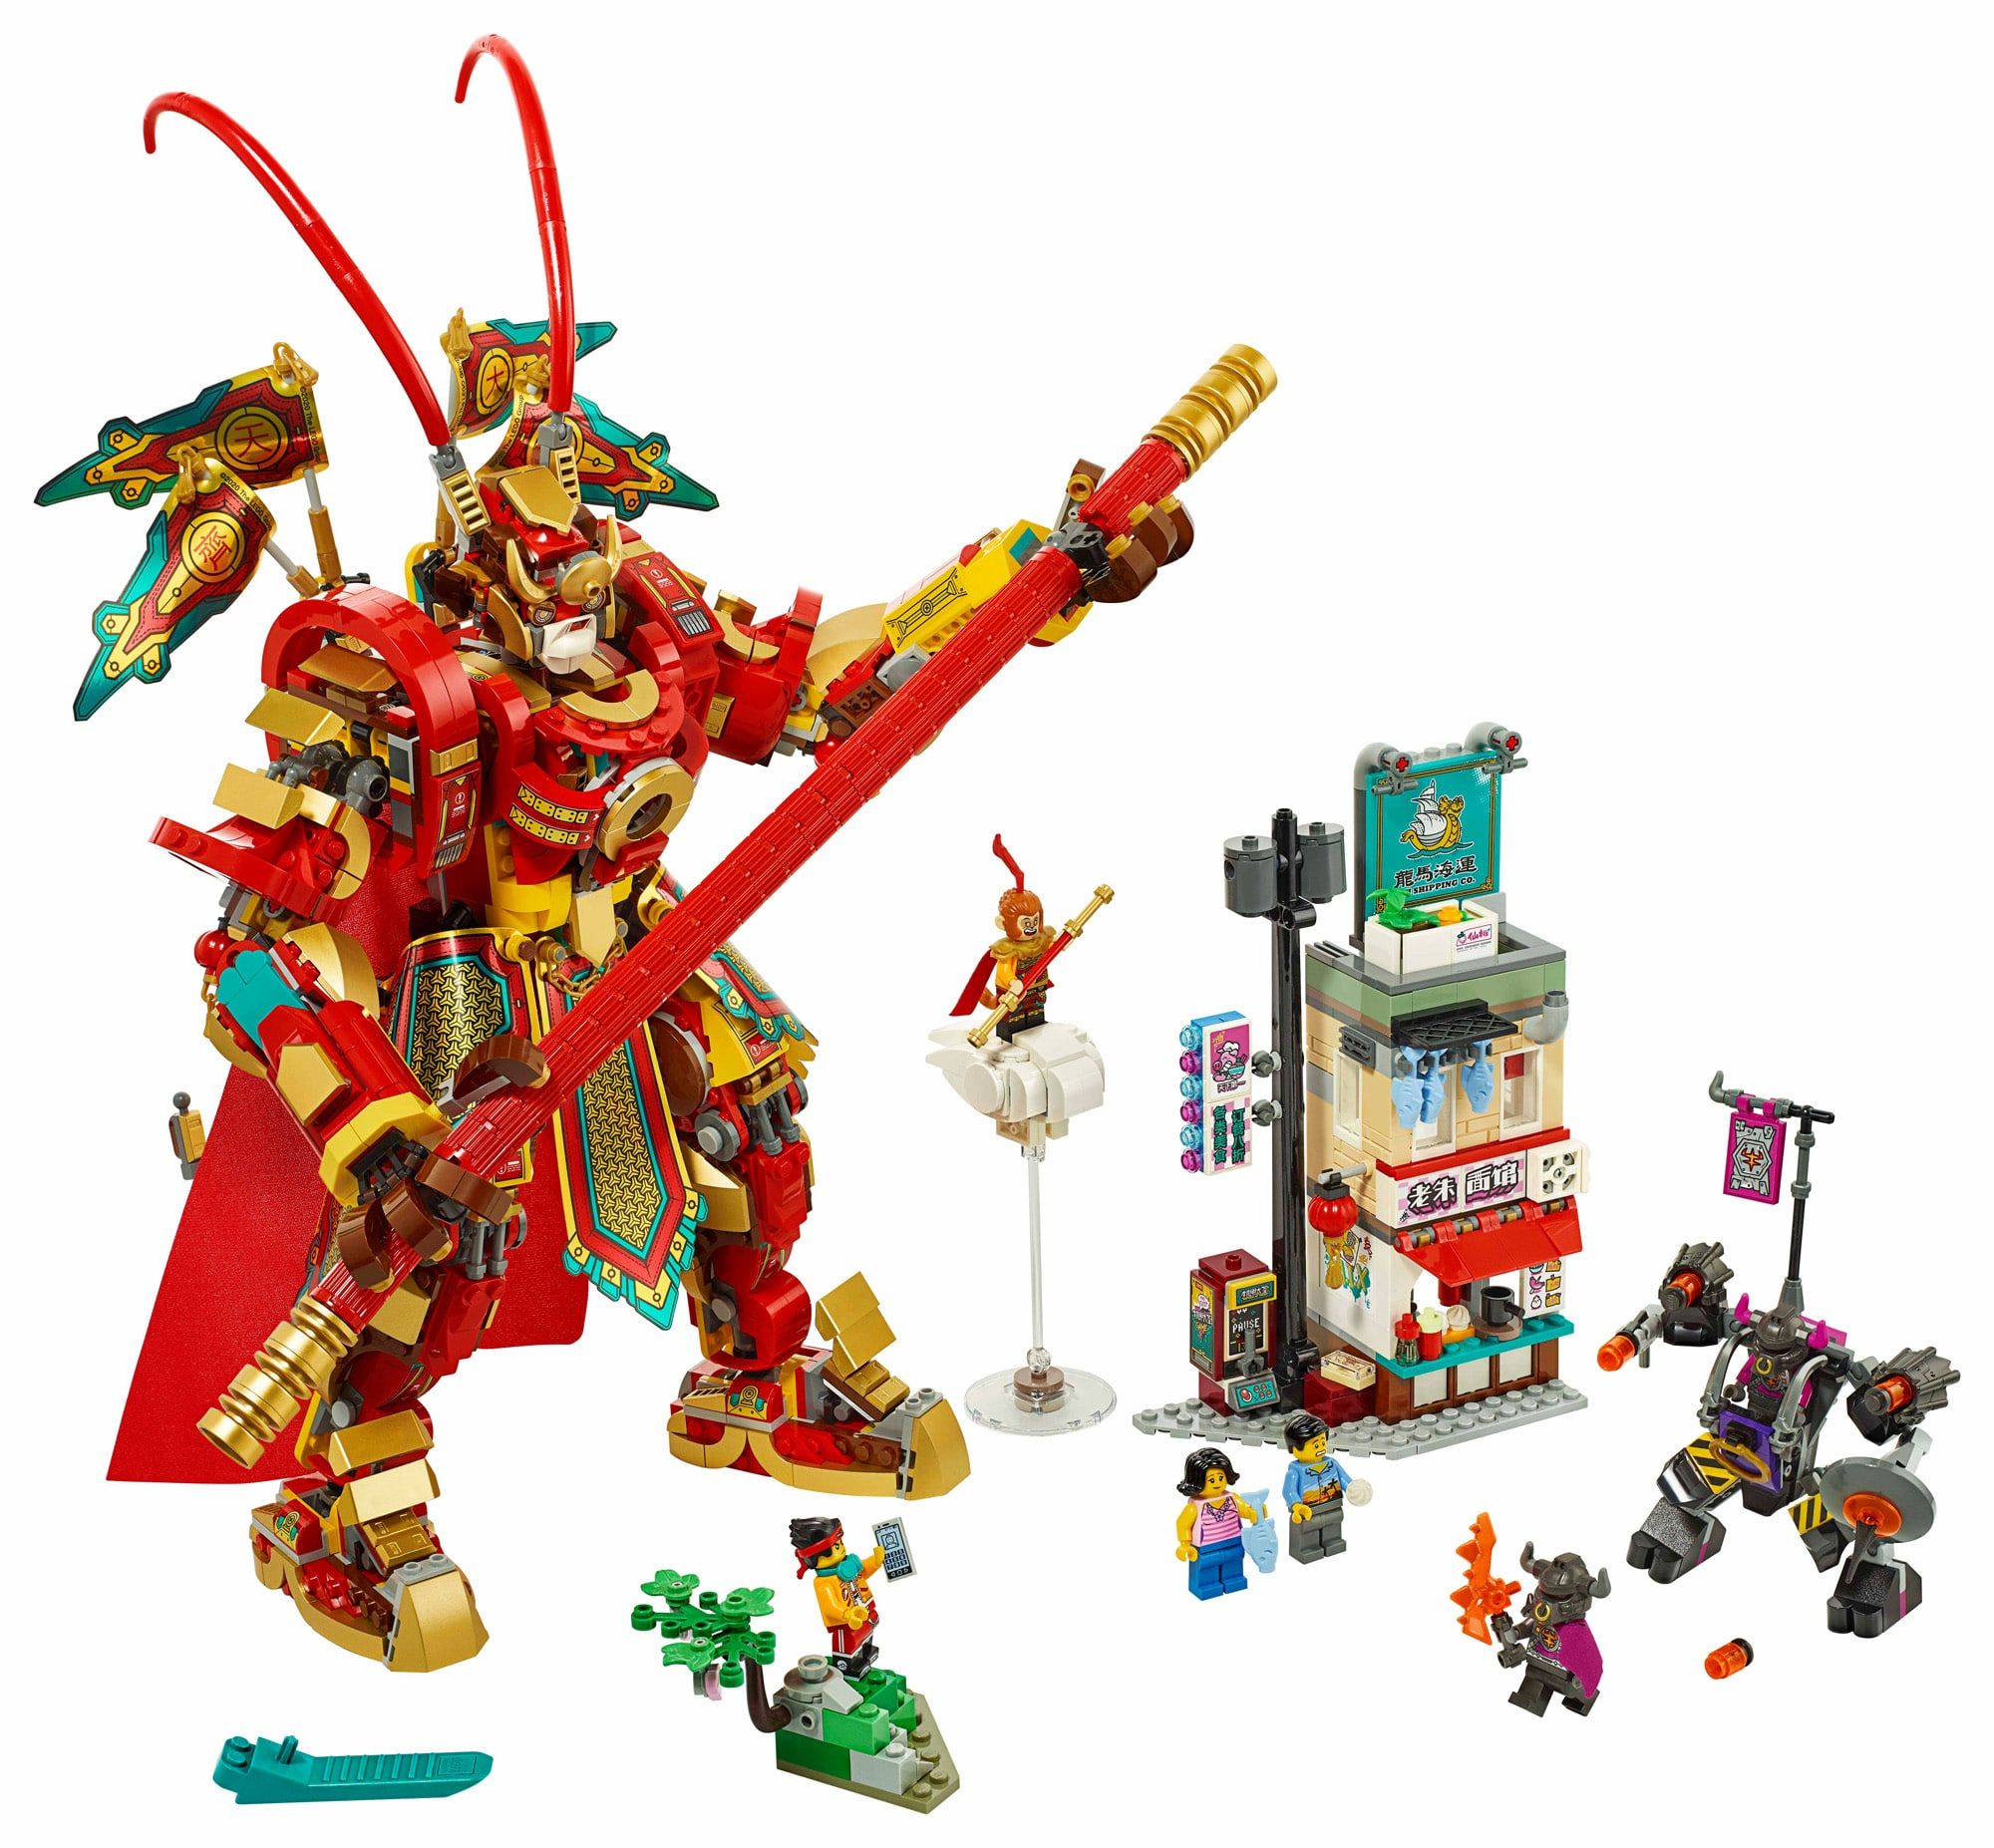 LEGO Monkie Kid 80012 Monkey King Warrior Mech (1)